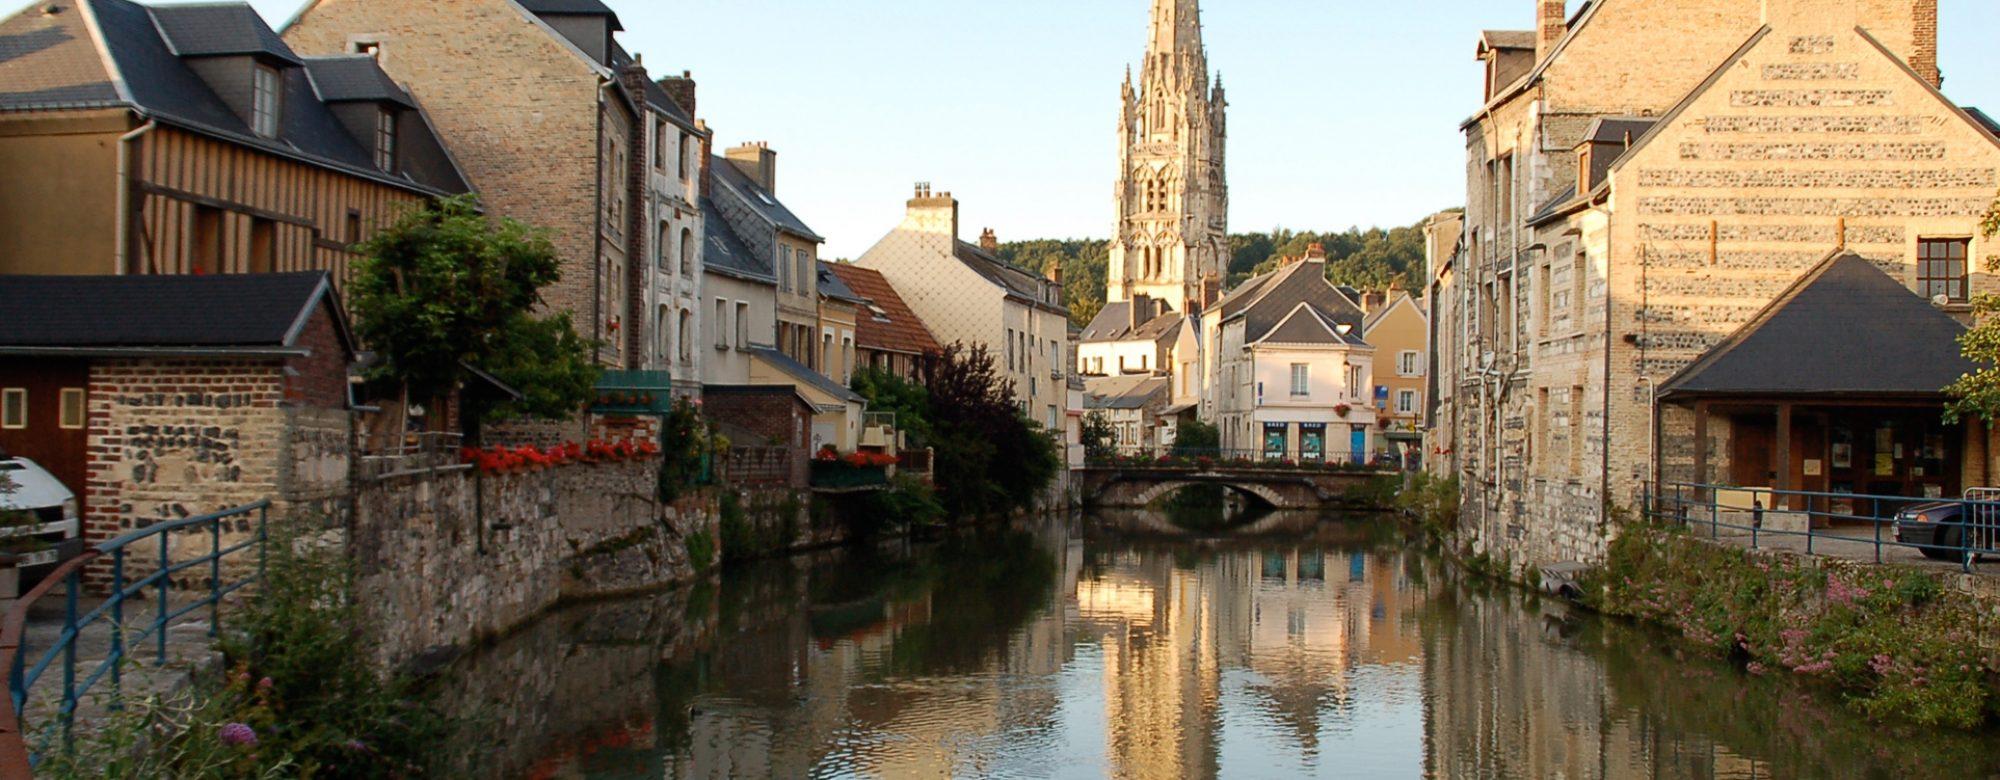 La commune d'Harfleur, traversée par la Lézarde, où se tient la Fête de la Scie